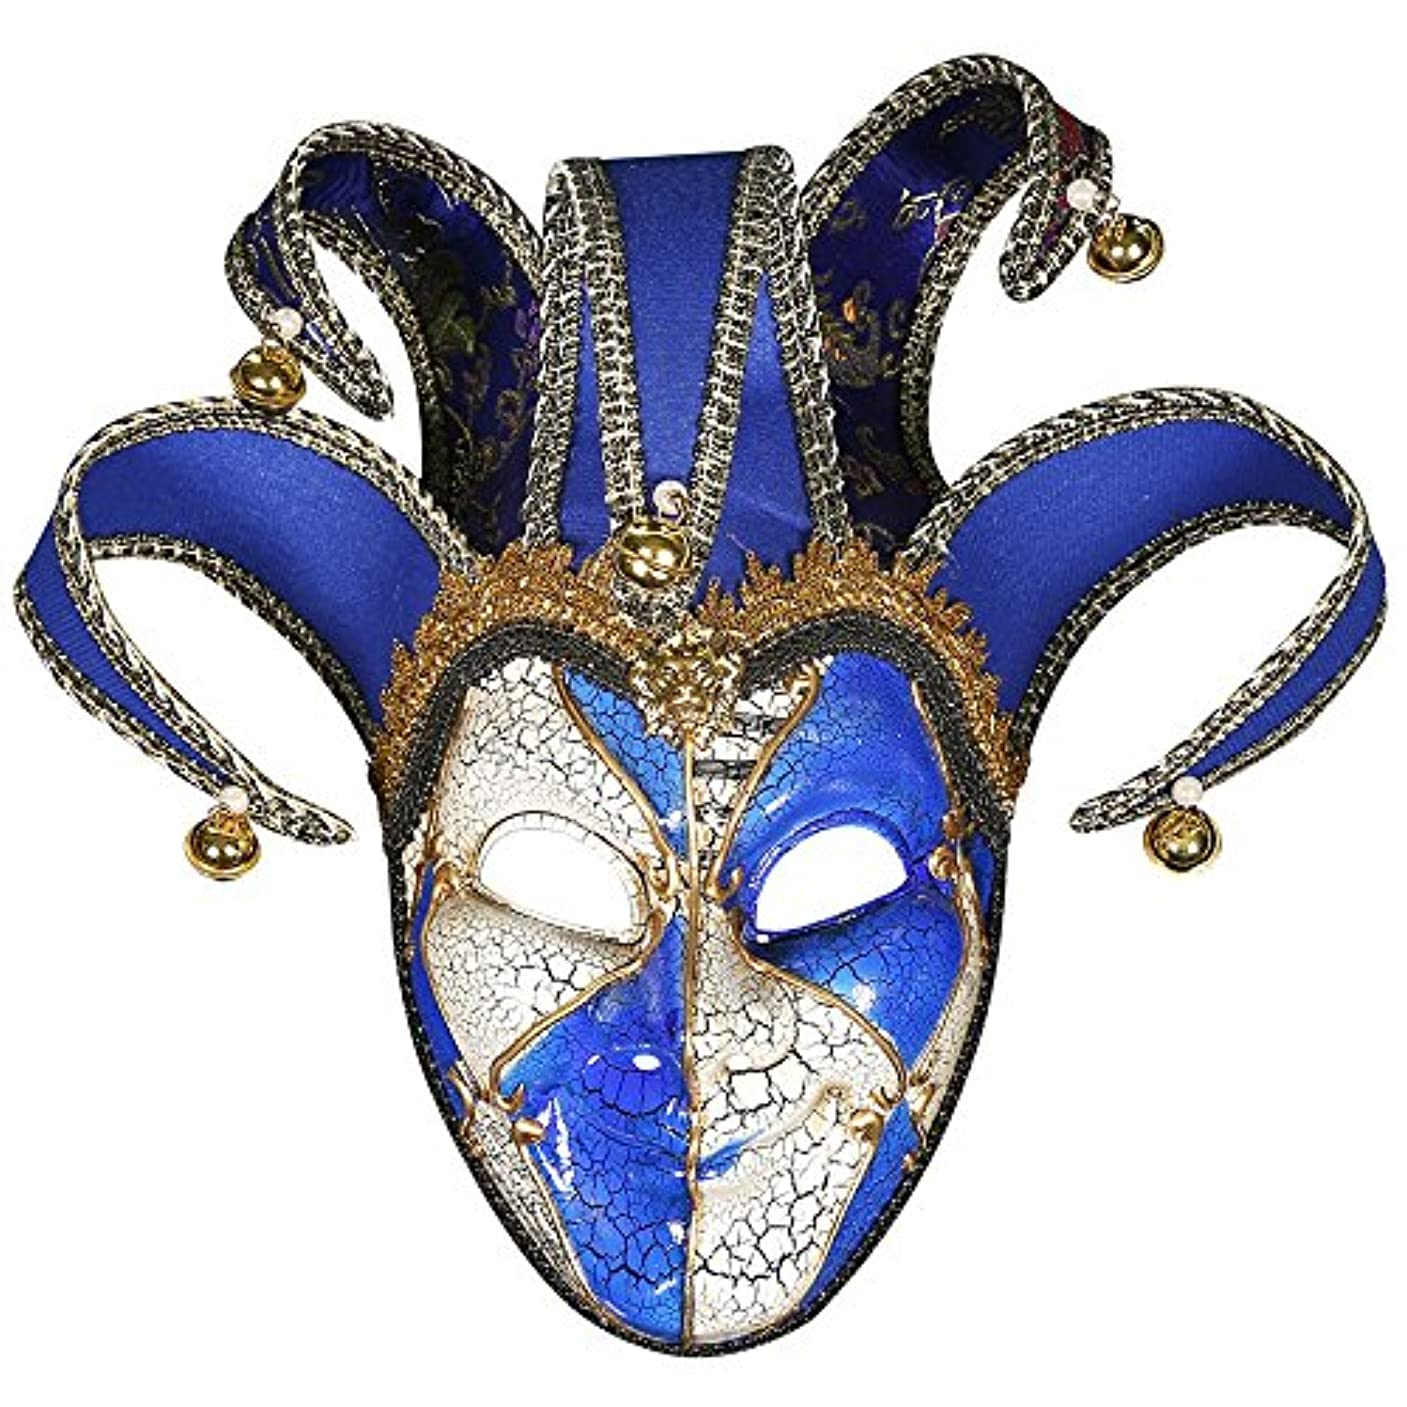 増幅する原点甘味ハイエンドの美しいクラックフェスティバル仮面舞踏会マスクハロウィーン誕生日パーティーピエロマスク (Color : A)